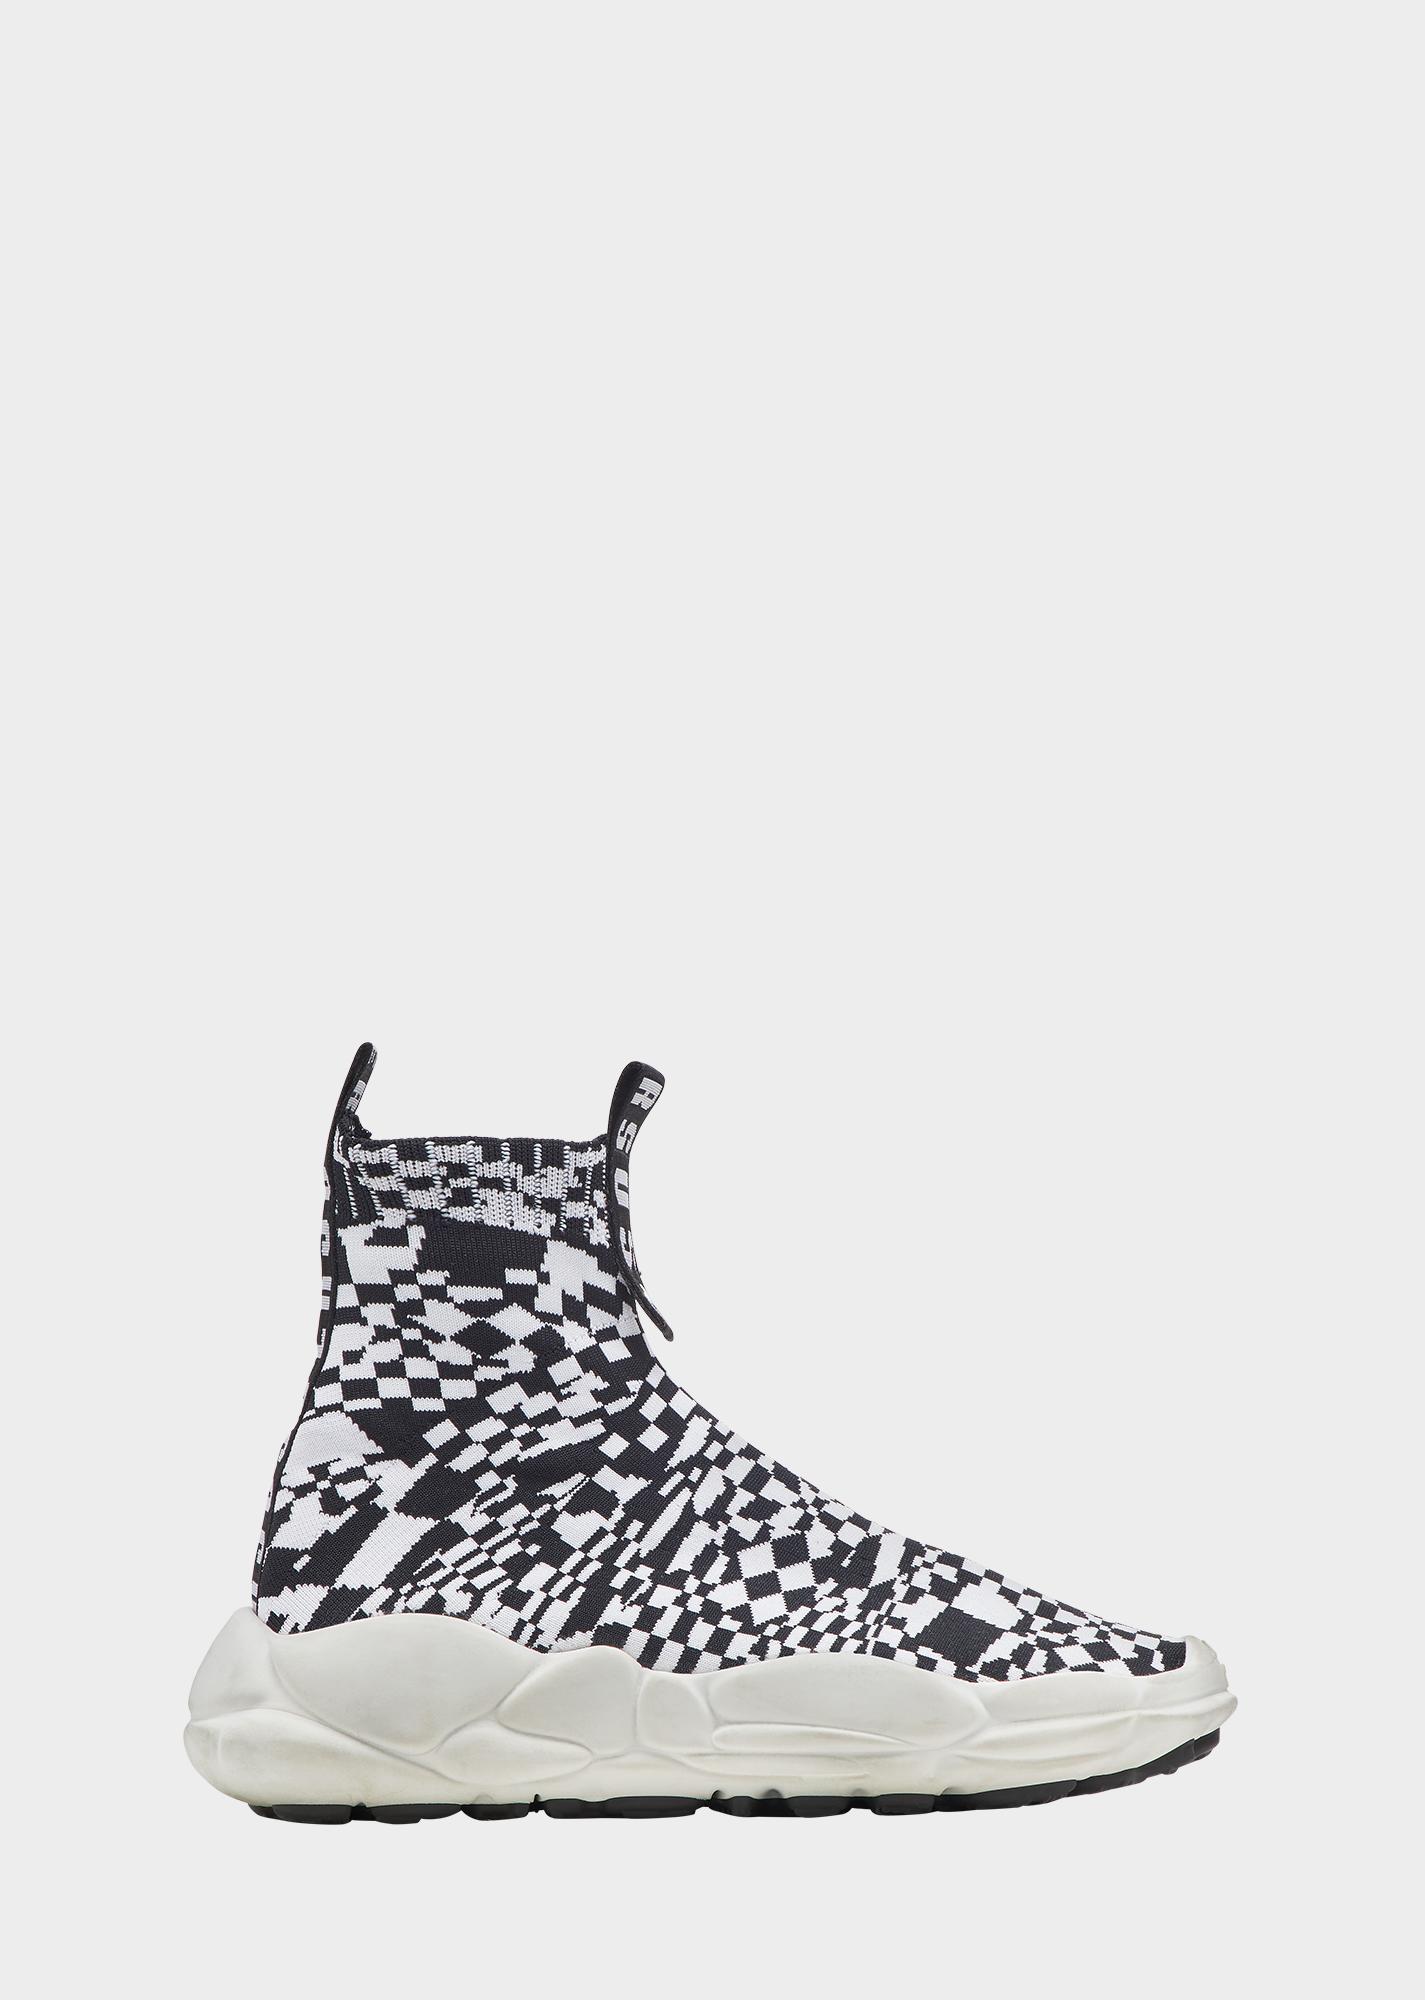 f6b6f9e797ae Versus Versace Anatomia Sock Sneakers - Checkerboard for Men ...